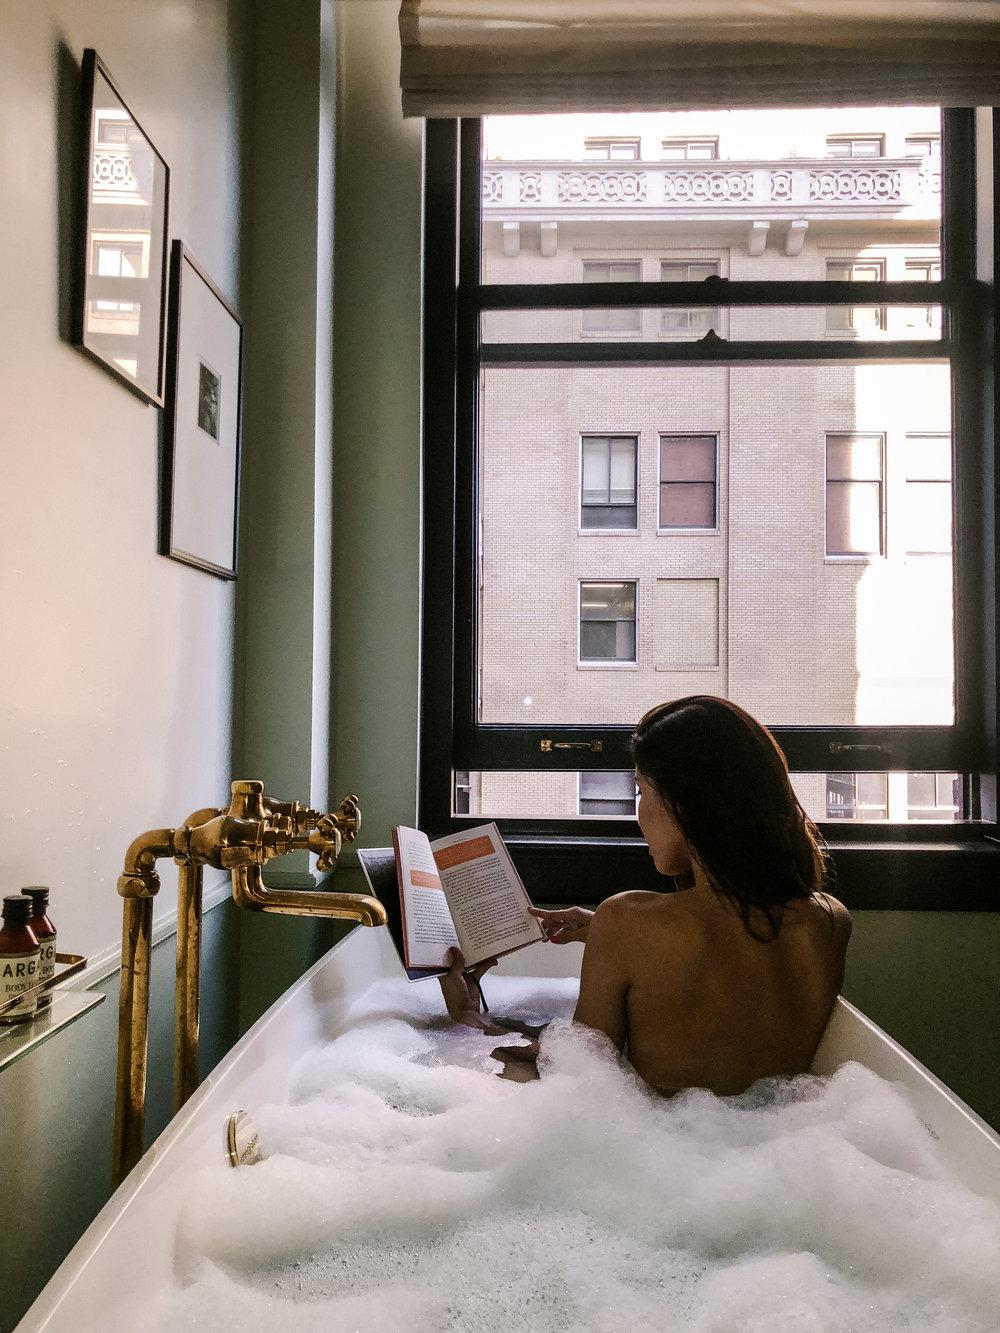 AshleyCampuzanoBlog_Nomad-Hotel_ACexplores_AshleyCampuzanoActress_@CampuzanoAshley_21.jpg